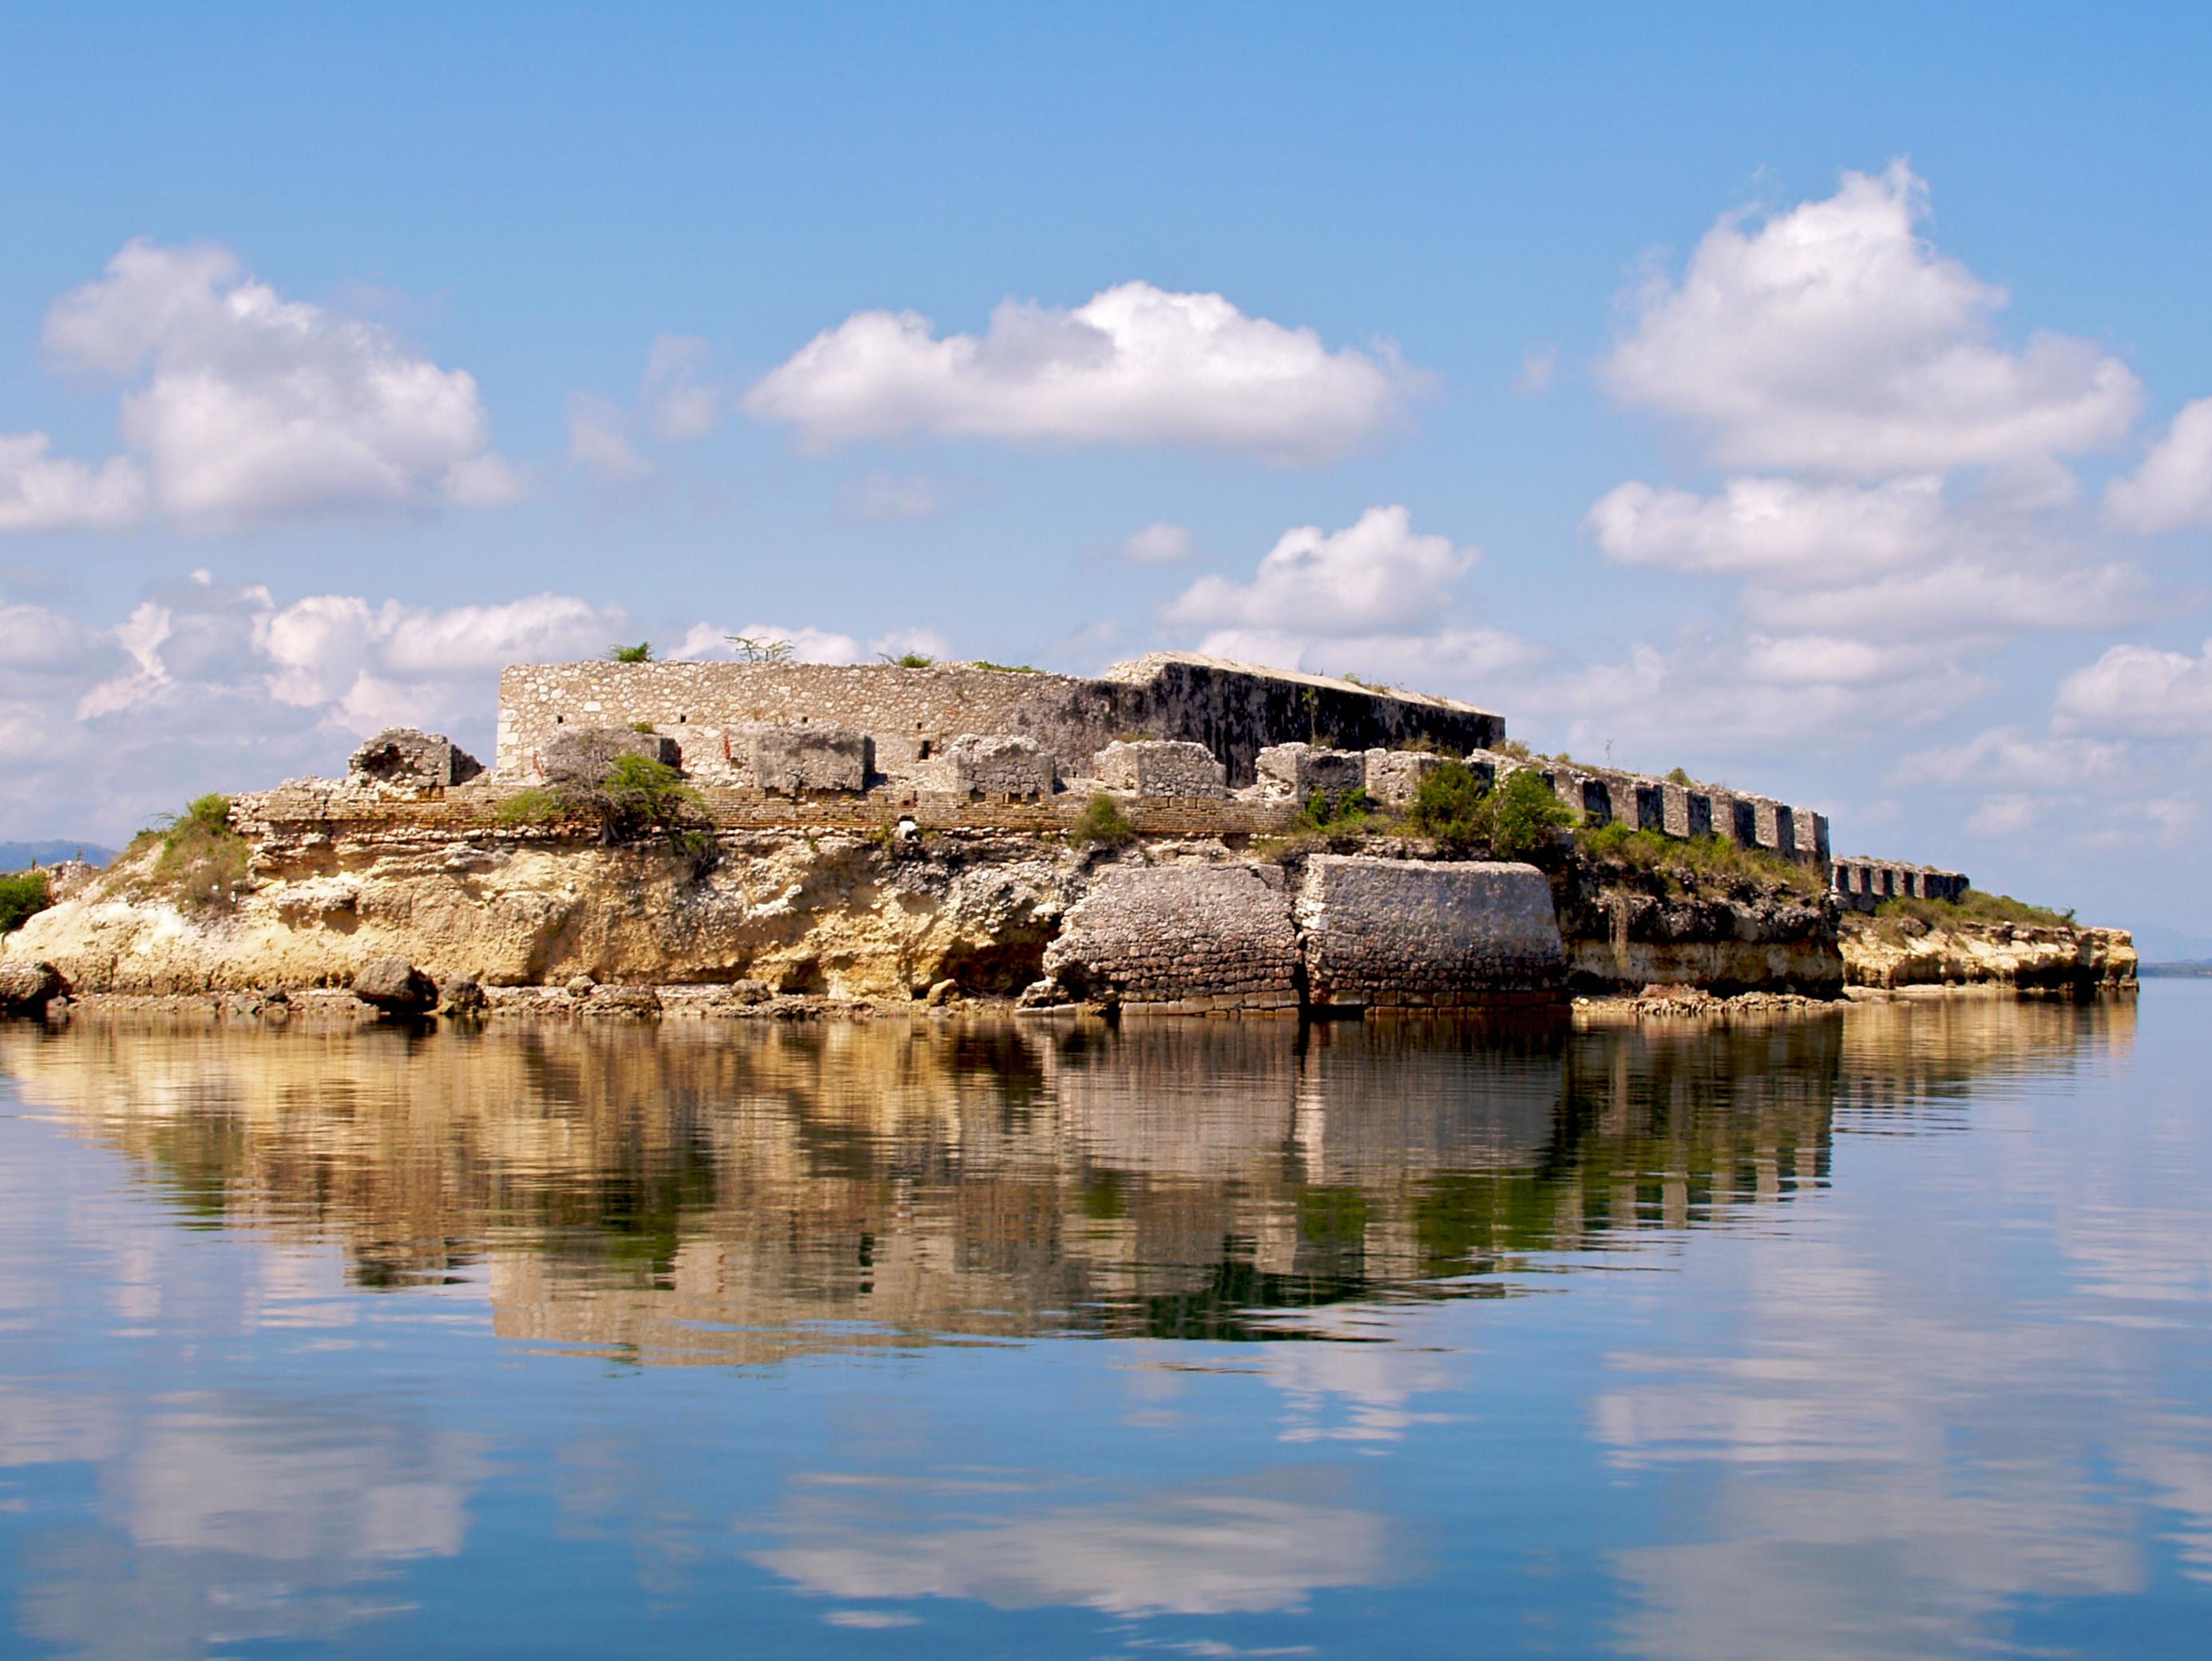 Fort Saint Joseph nord est